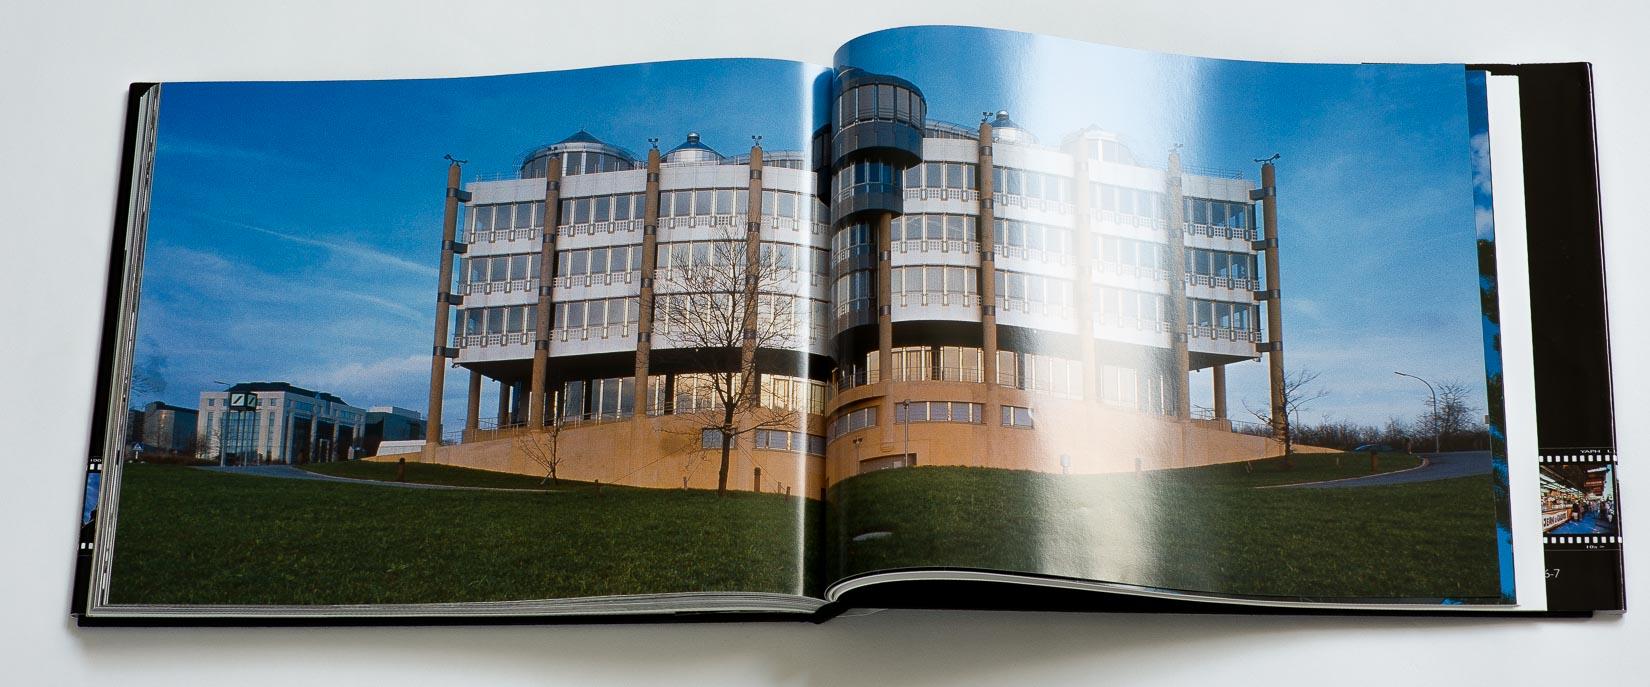 Bildband Luxemburg, Fotografie: Yousef A.P. Hakimi, Text: Heinz Monz, ISBN: 3-929405-06-7